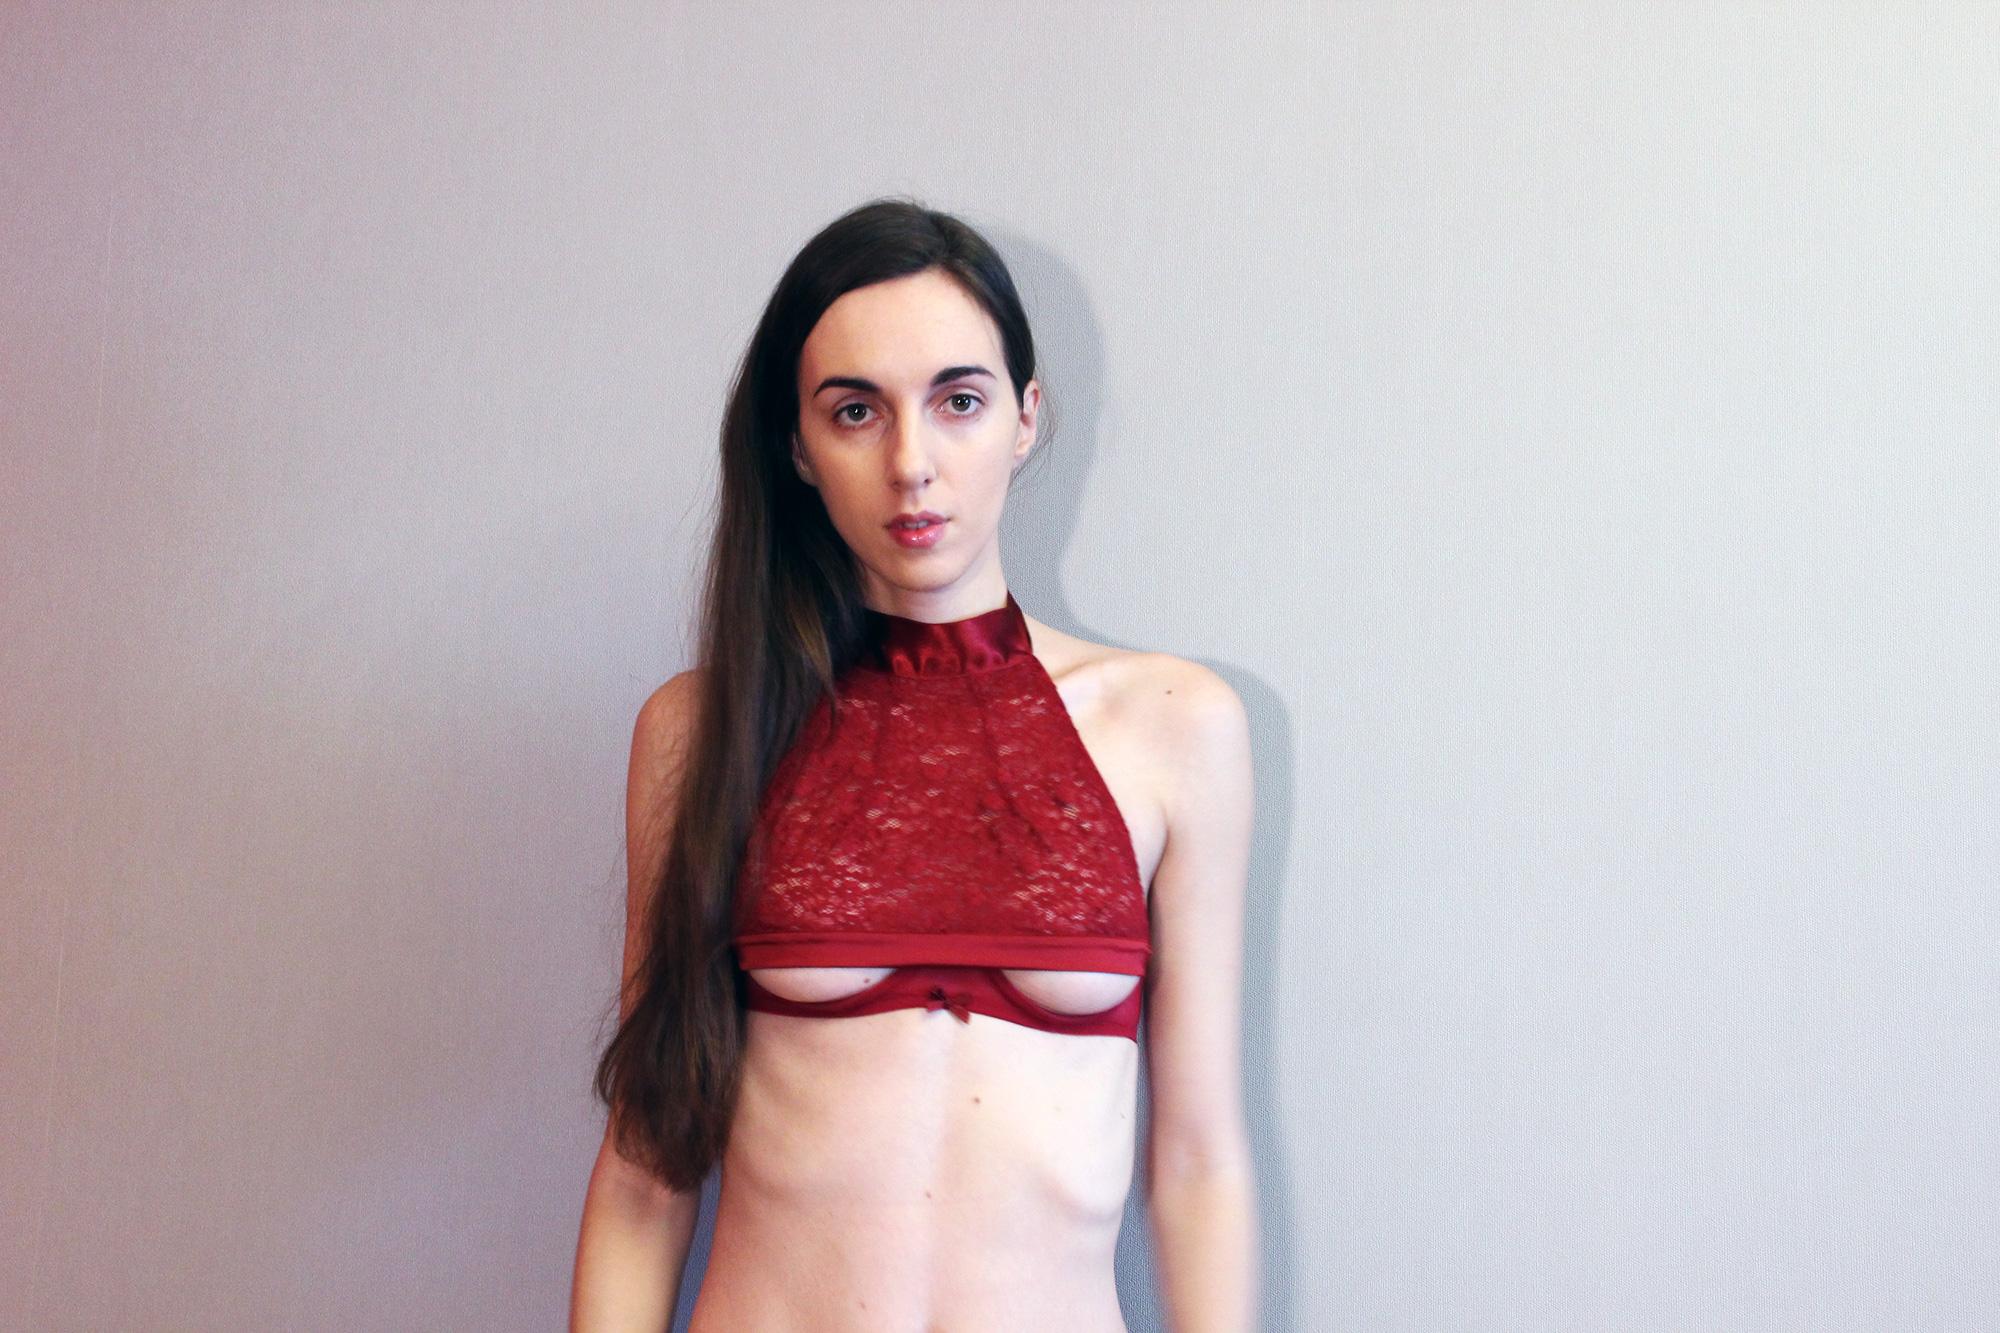 Обзор бюстгальтера Red Room из коллекции Fifty Shades Darker от Coco de Mer